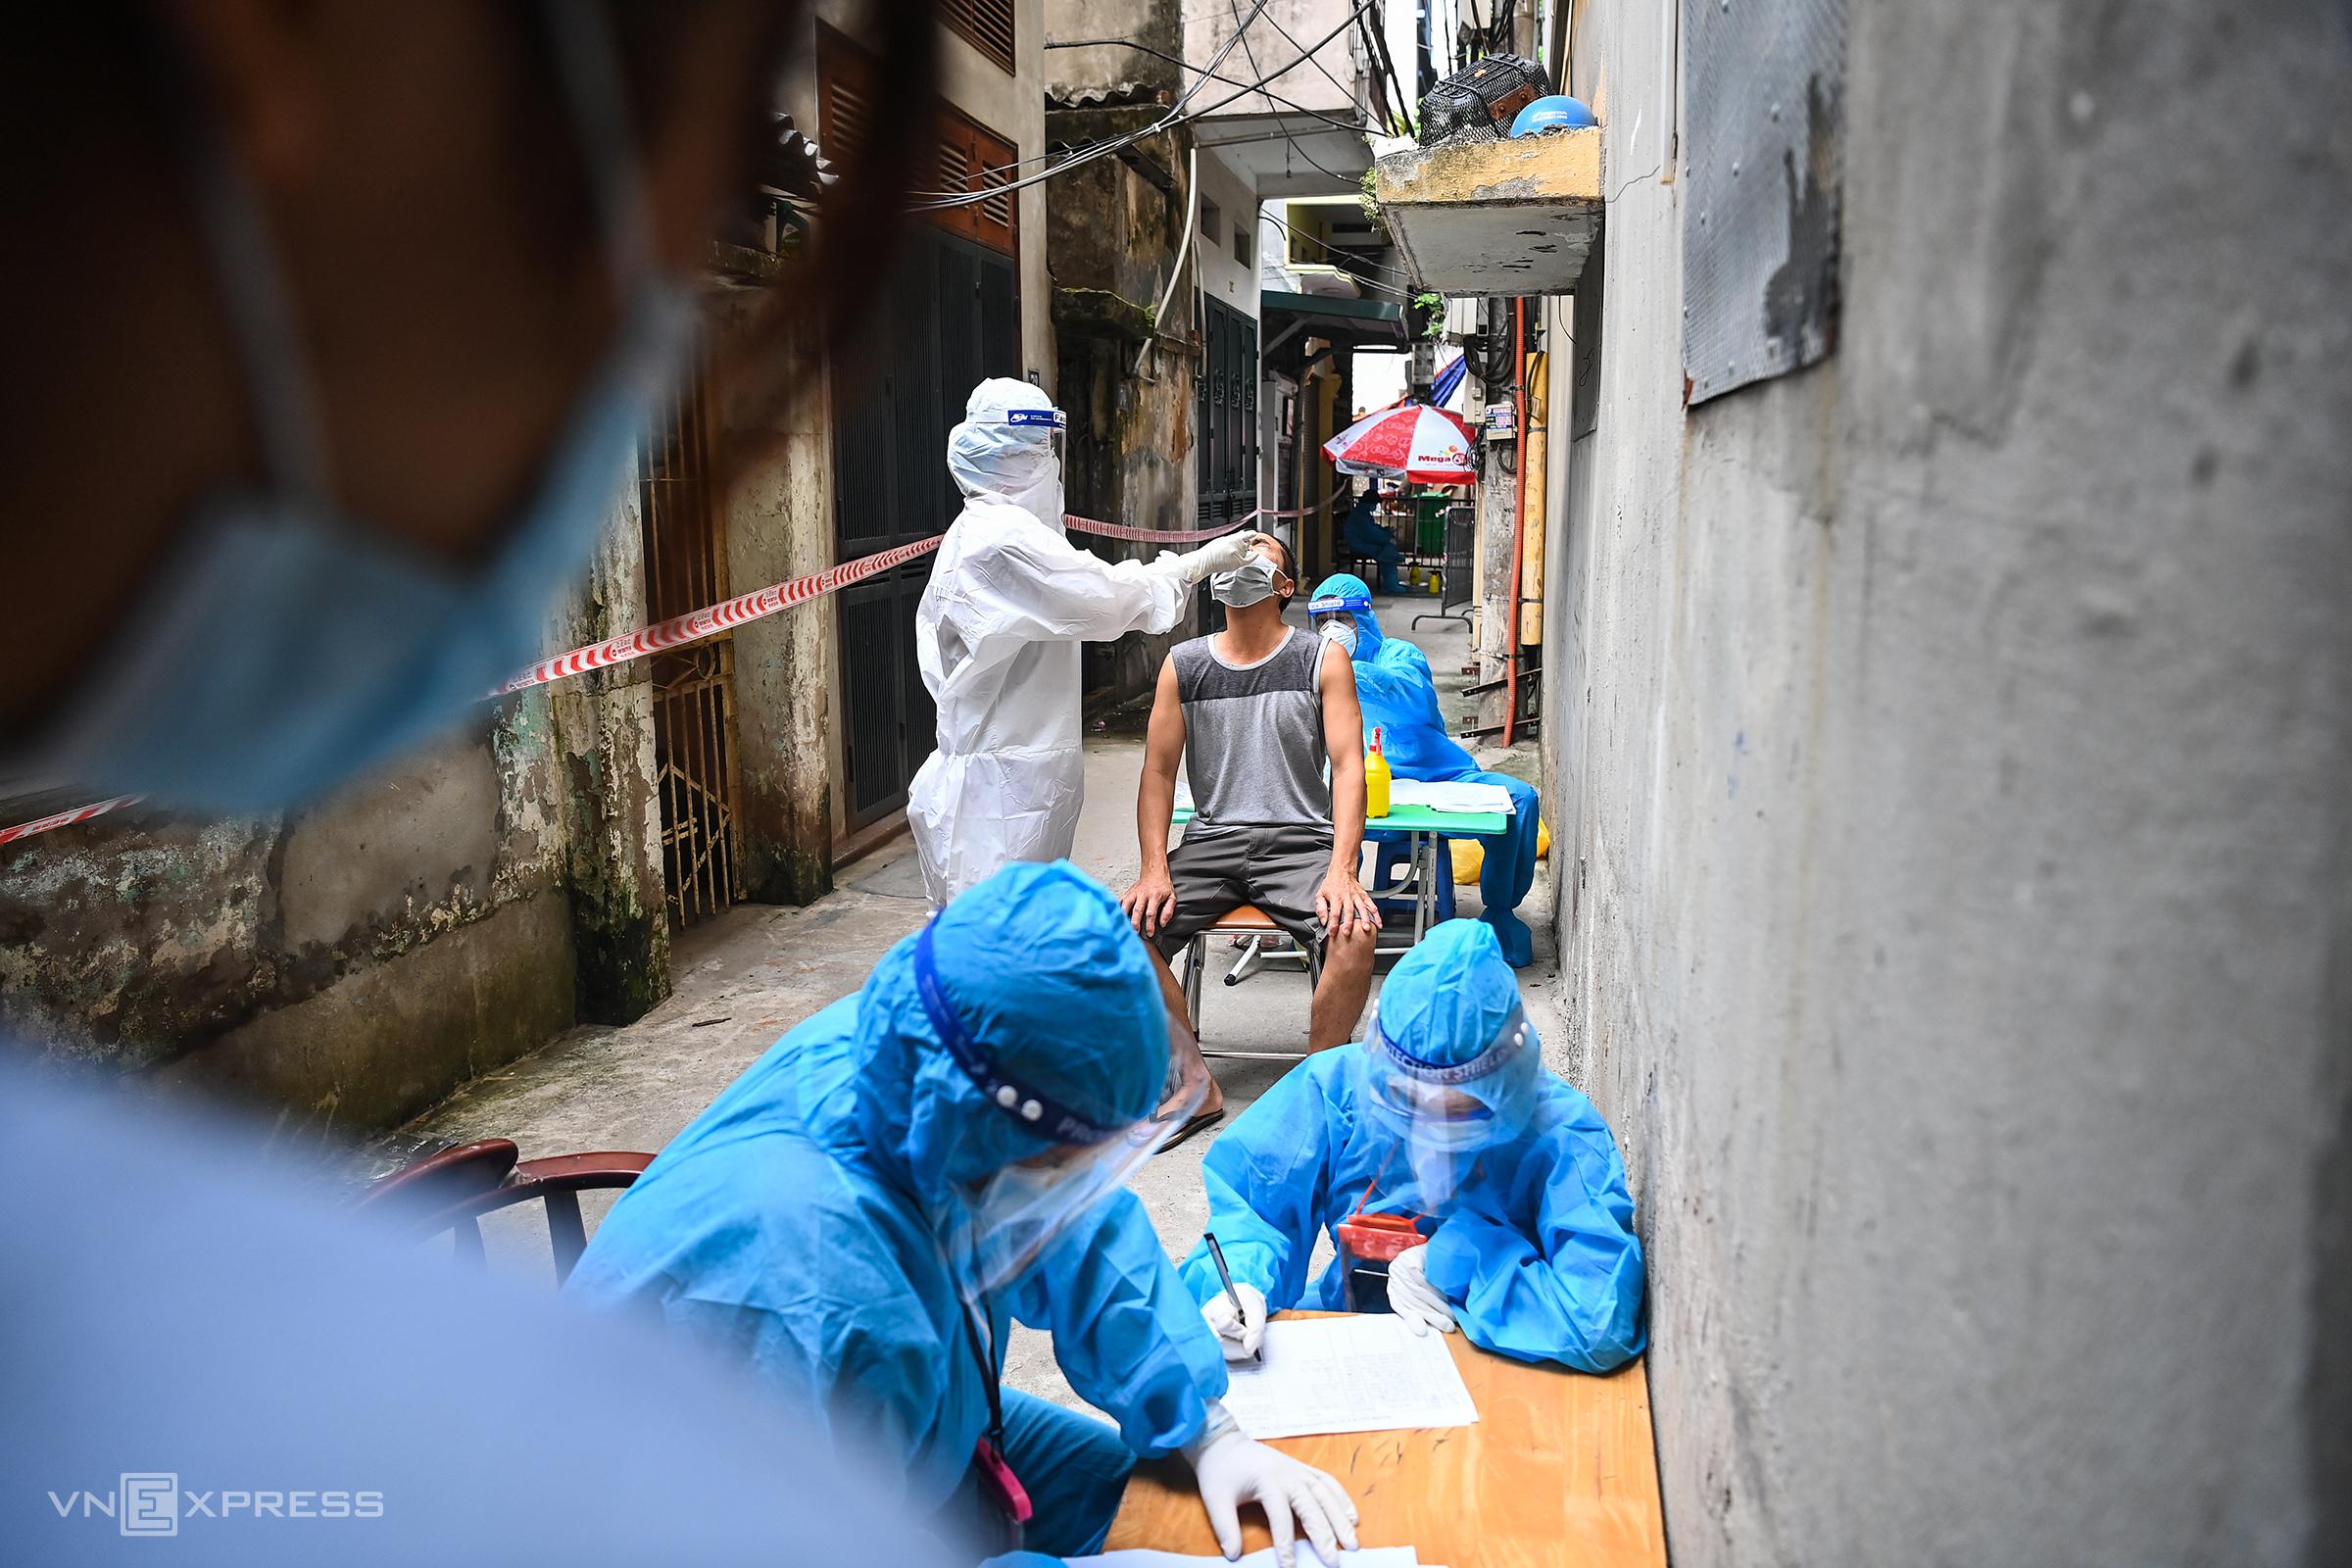 Nhân viên y tế lấy mẫu xét nghiệm tại ổ dịch phường Thanh Xuân Trung, quận Thanh Xuân, Hà Nội hôm 30/8. Ảnh: Giang Huy